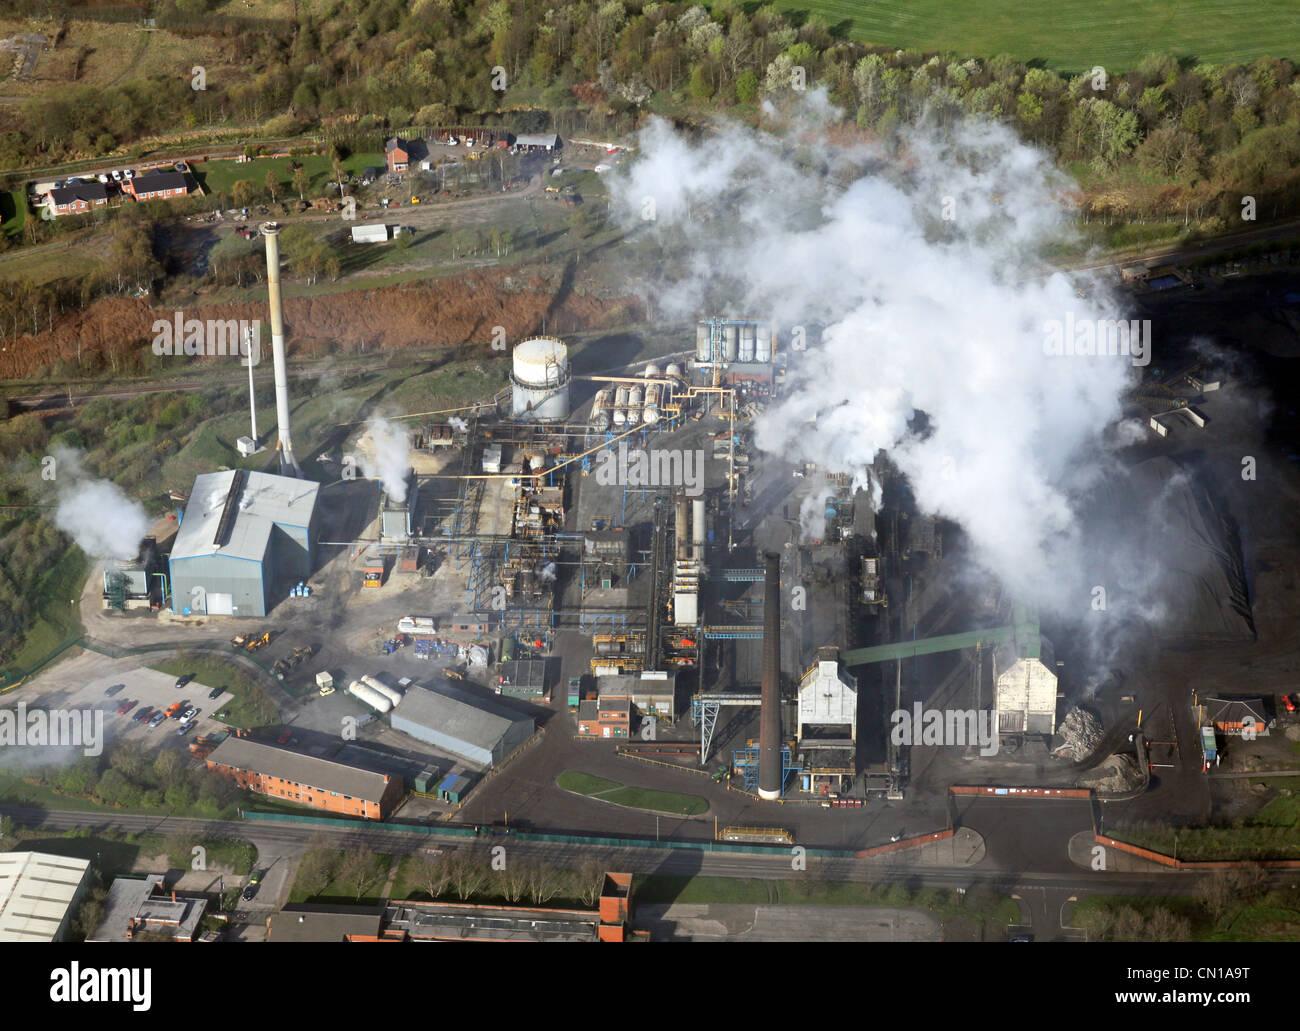 Vista aerea di inquinamento in fabbrica Immagini Stock